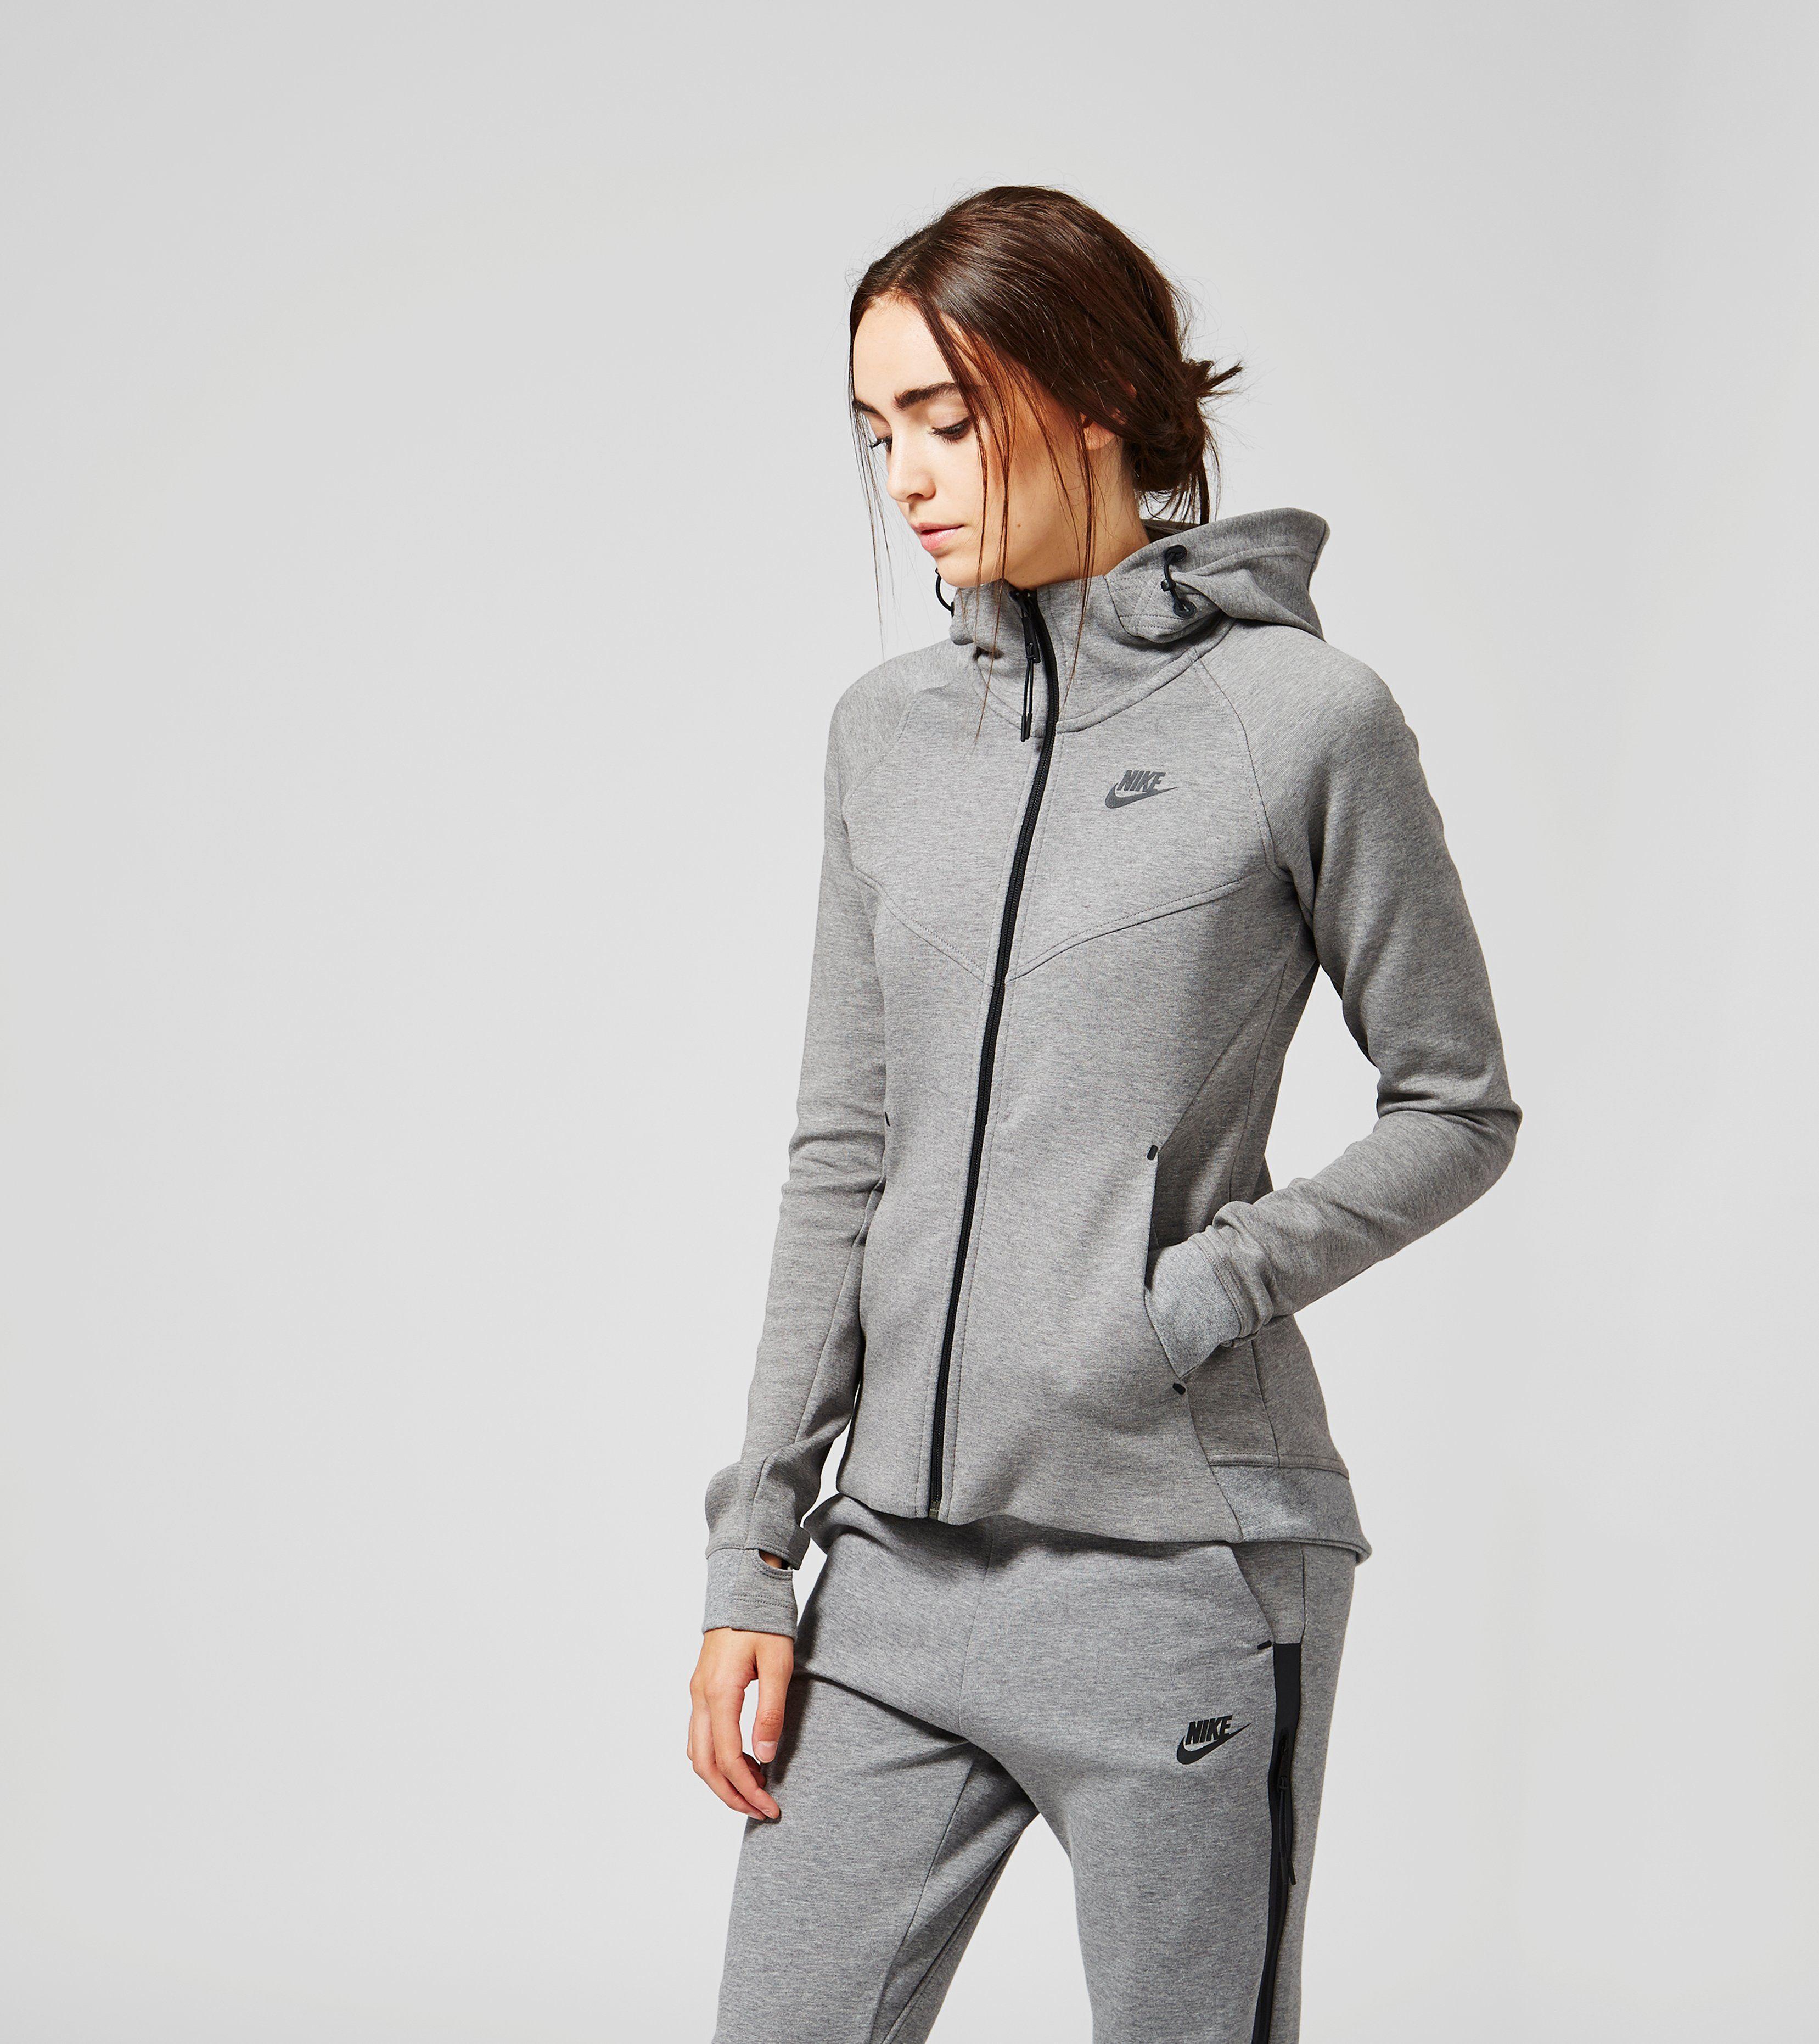 Model Womens Clothing  Nike Sportswear Womens Tech Fleece Pant  Black